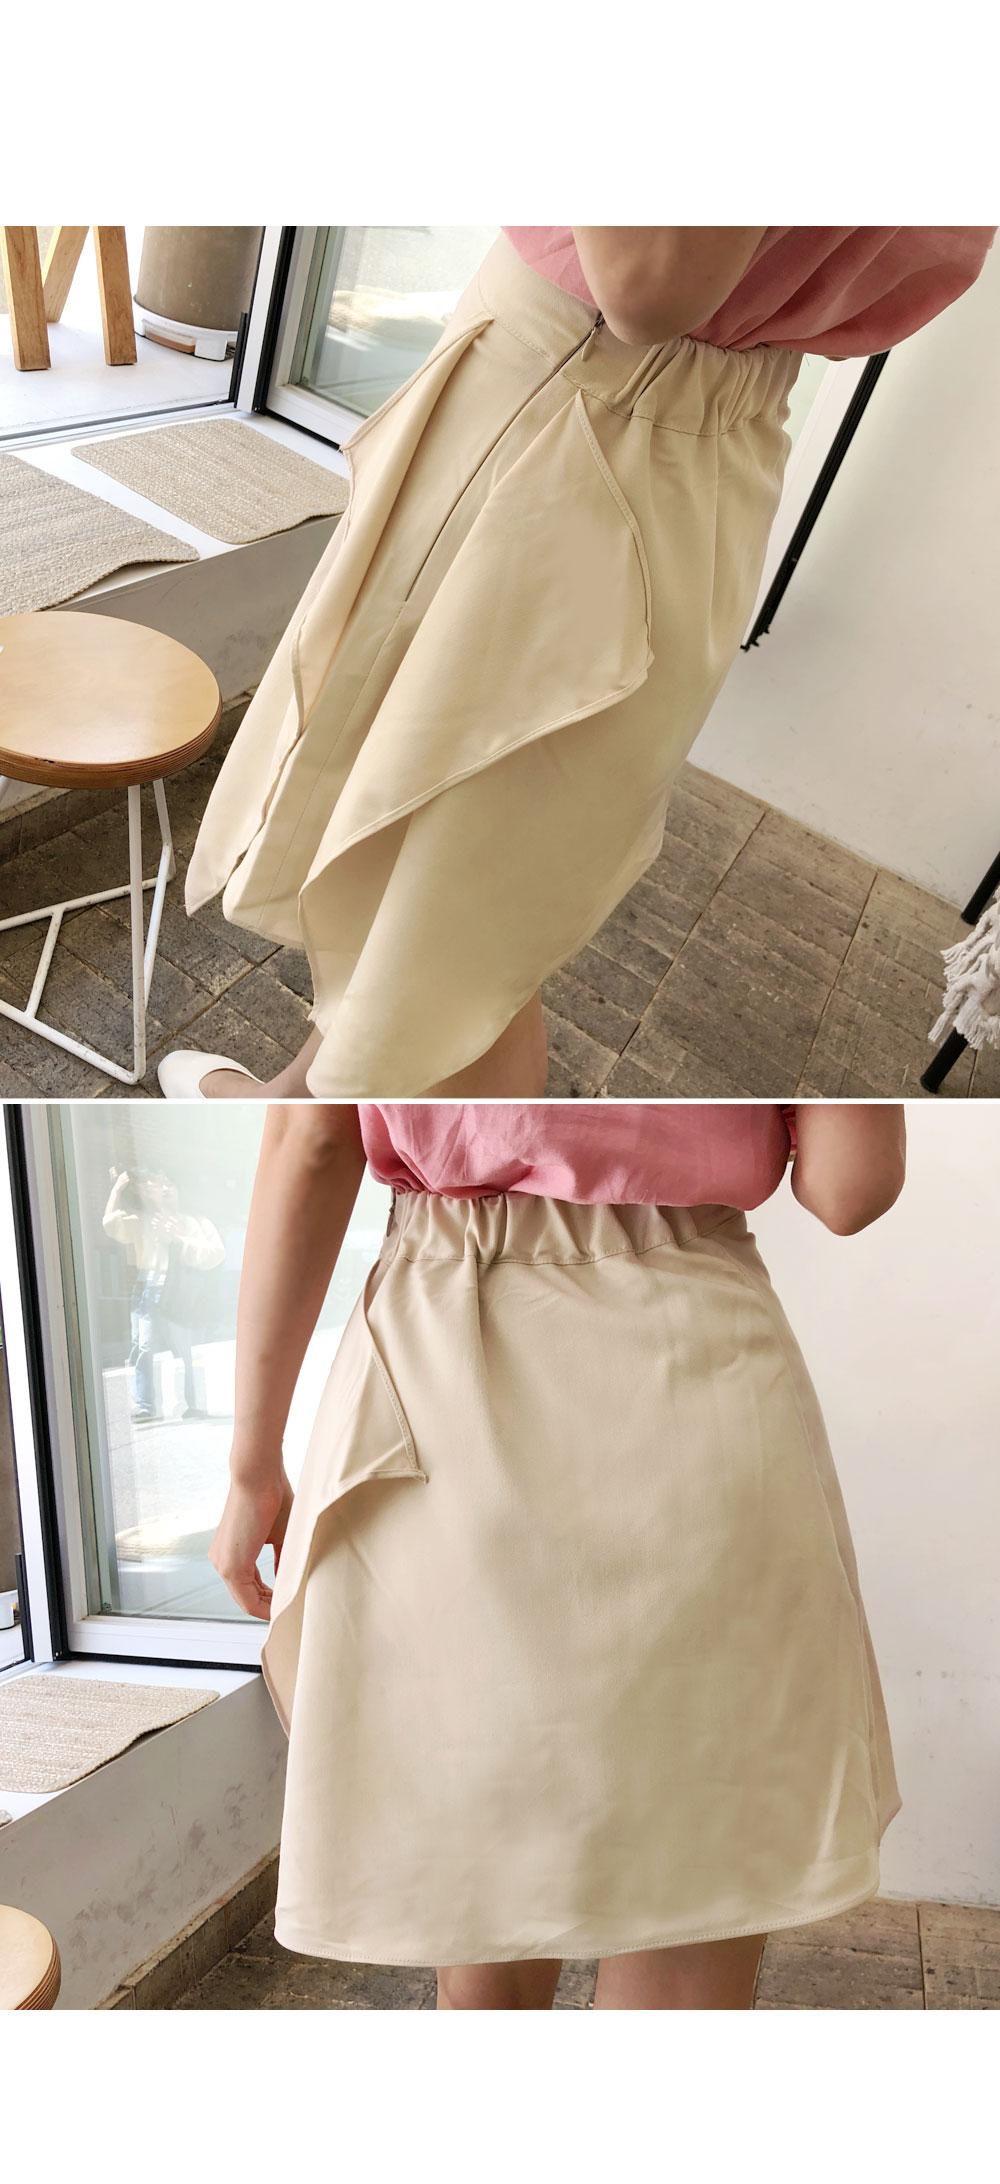 Flowing skirt ruffle skirt